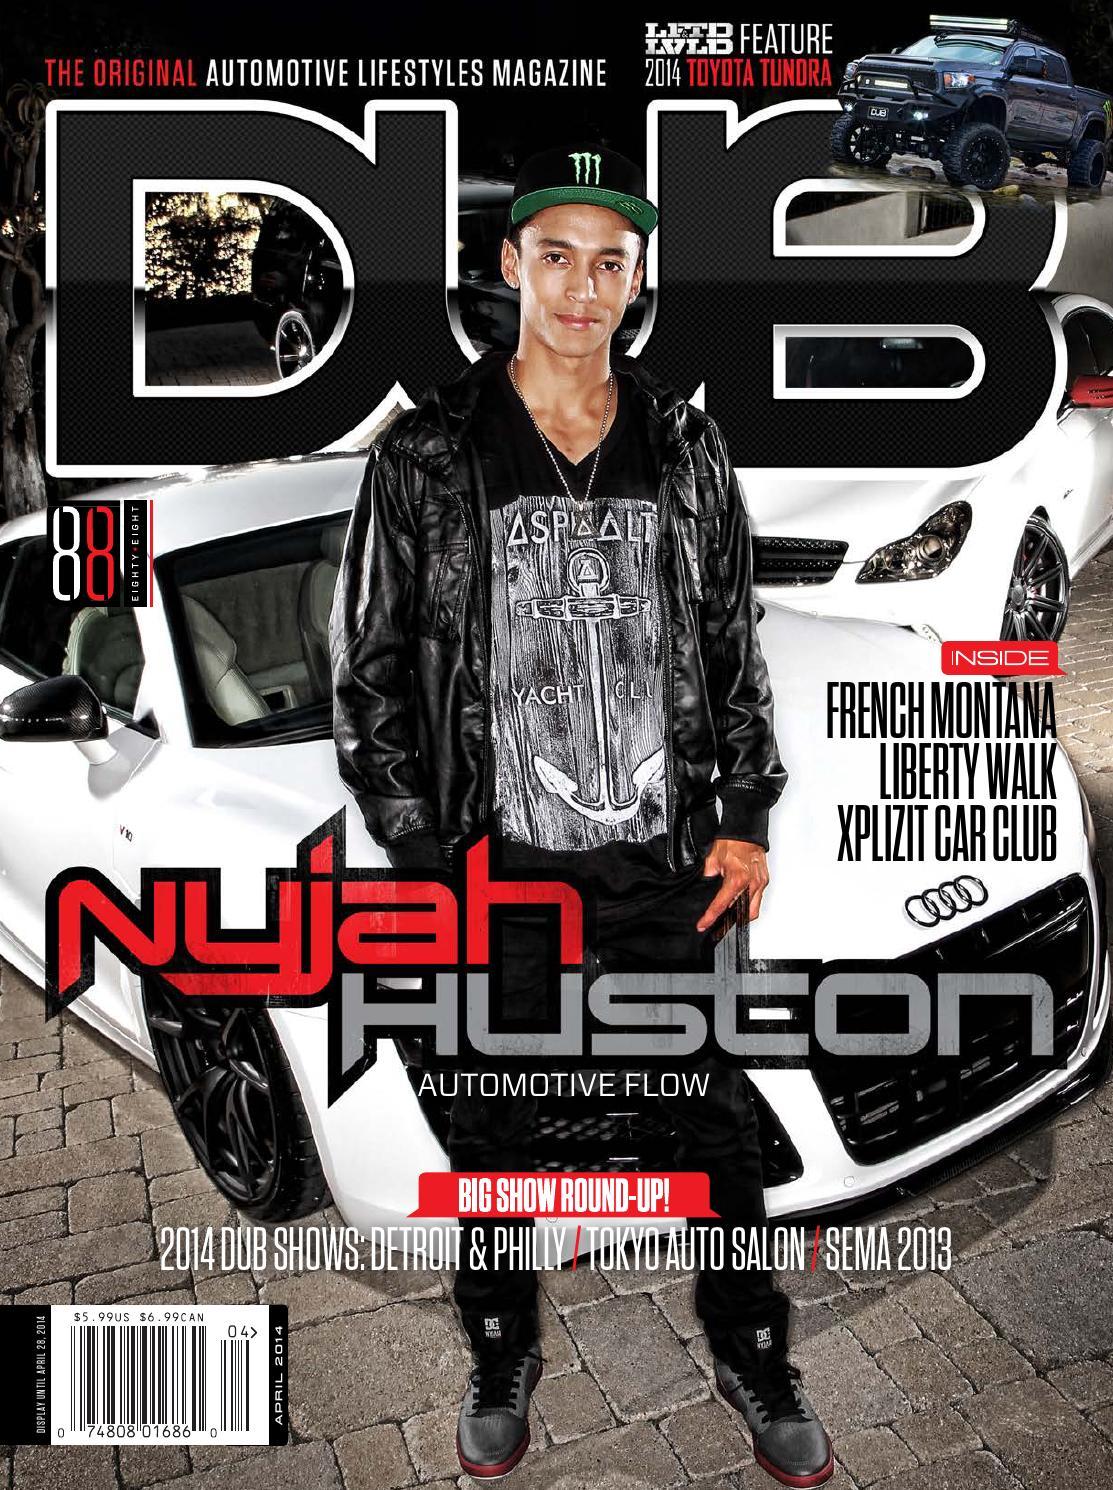 Ferrari Of Houston >> DUB Magazine Issue 88 by DUB - Issuu